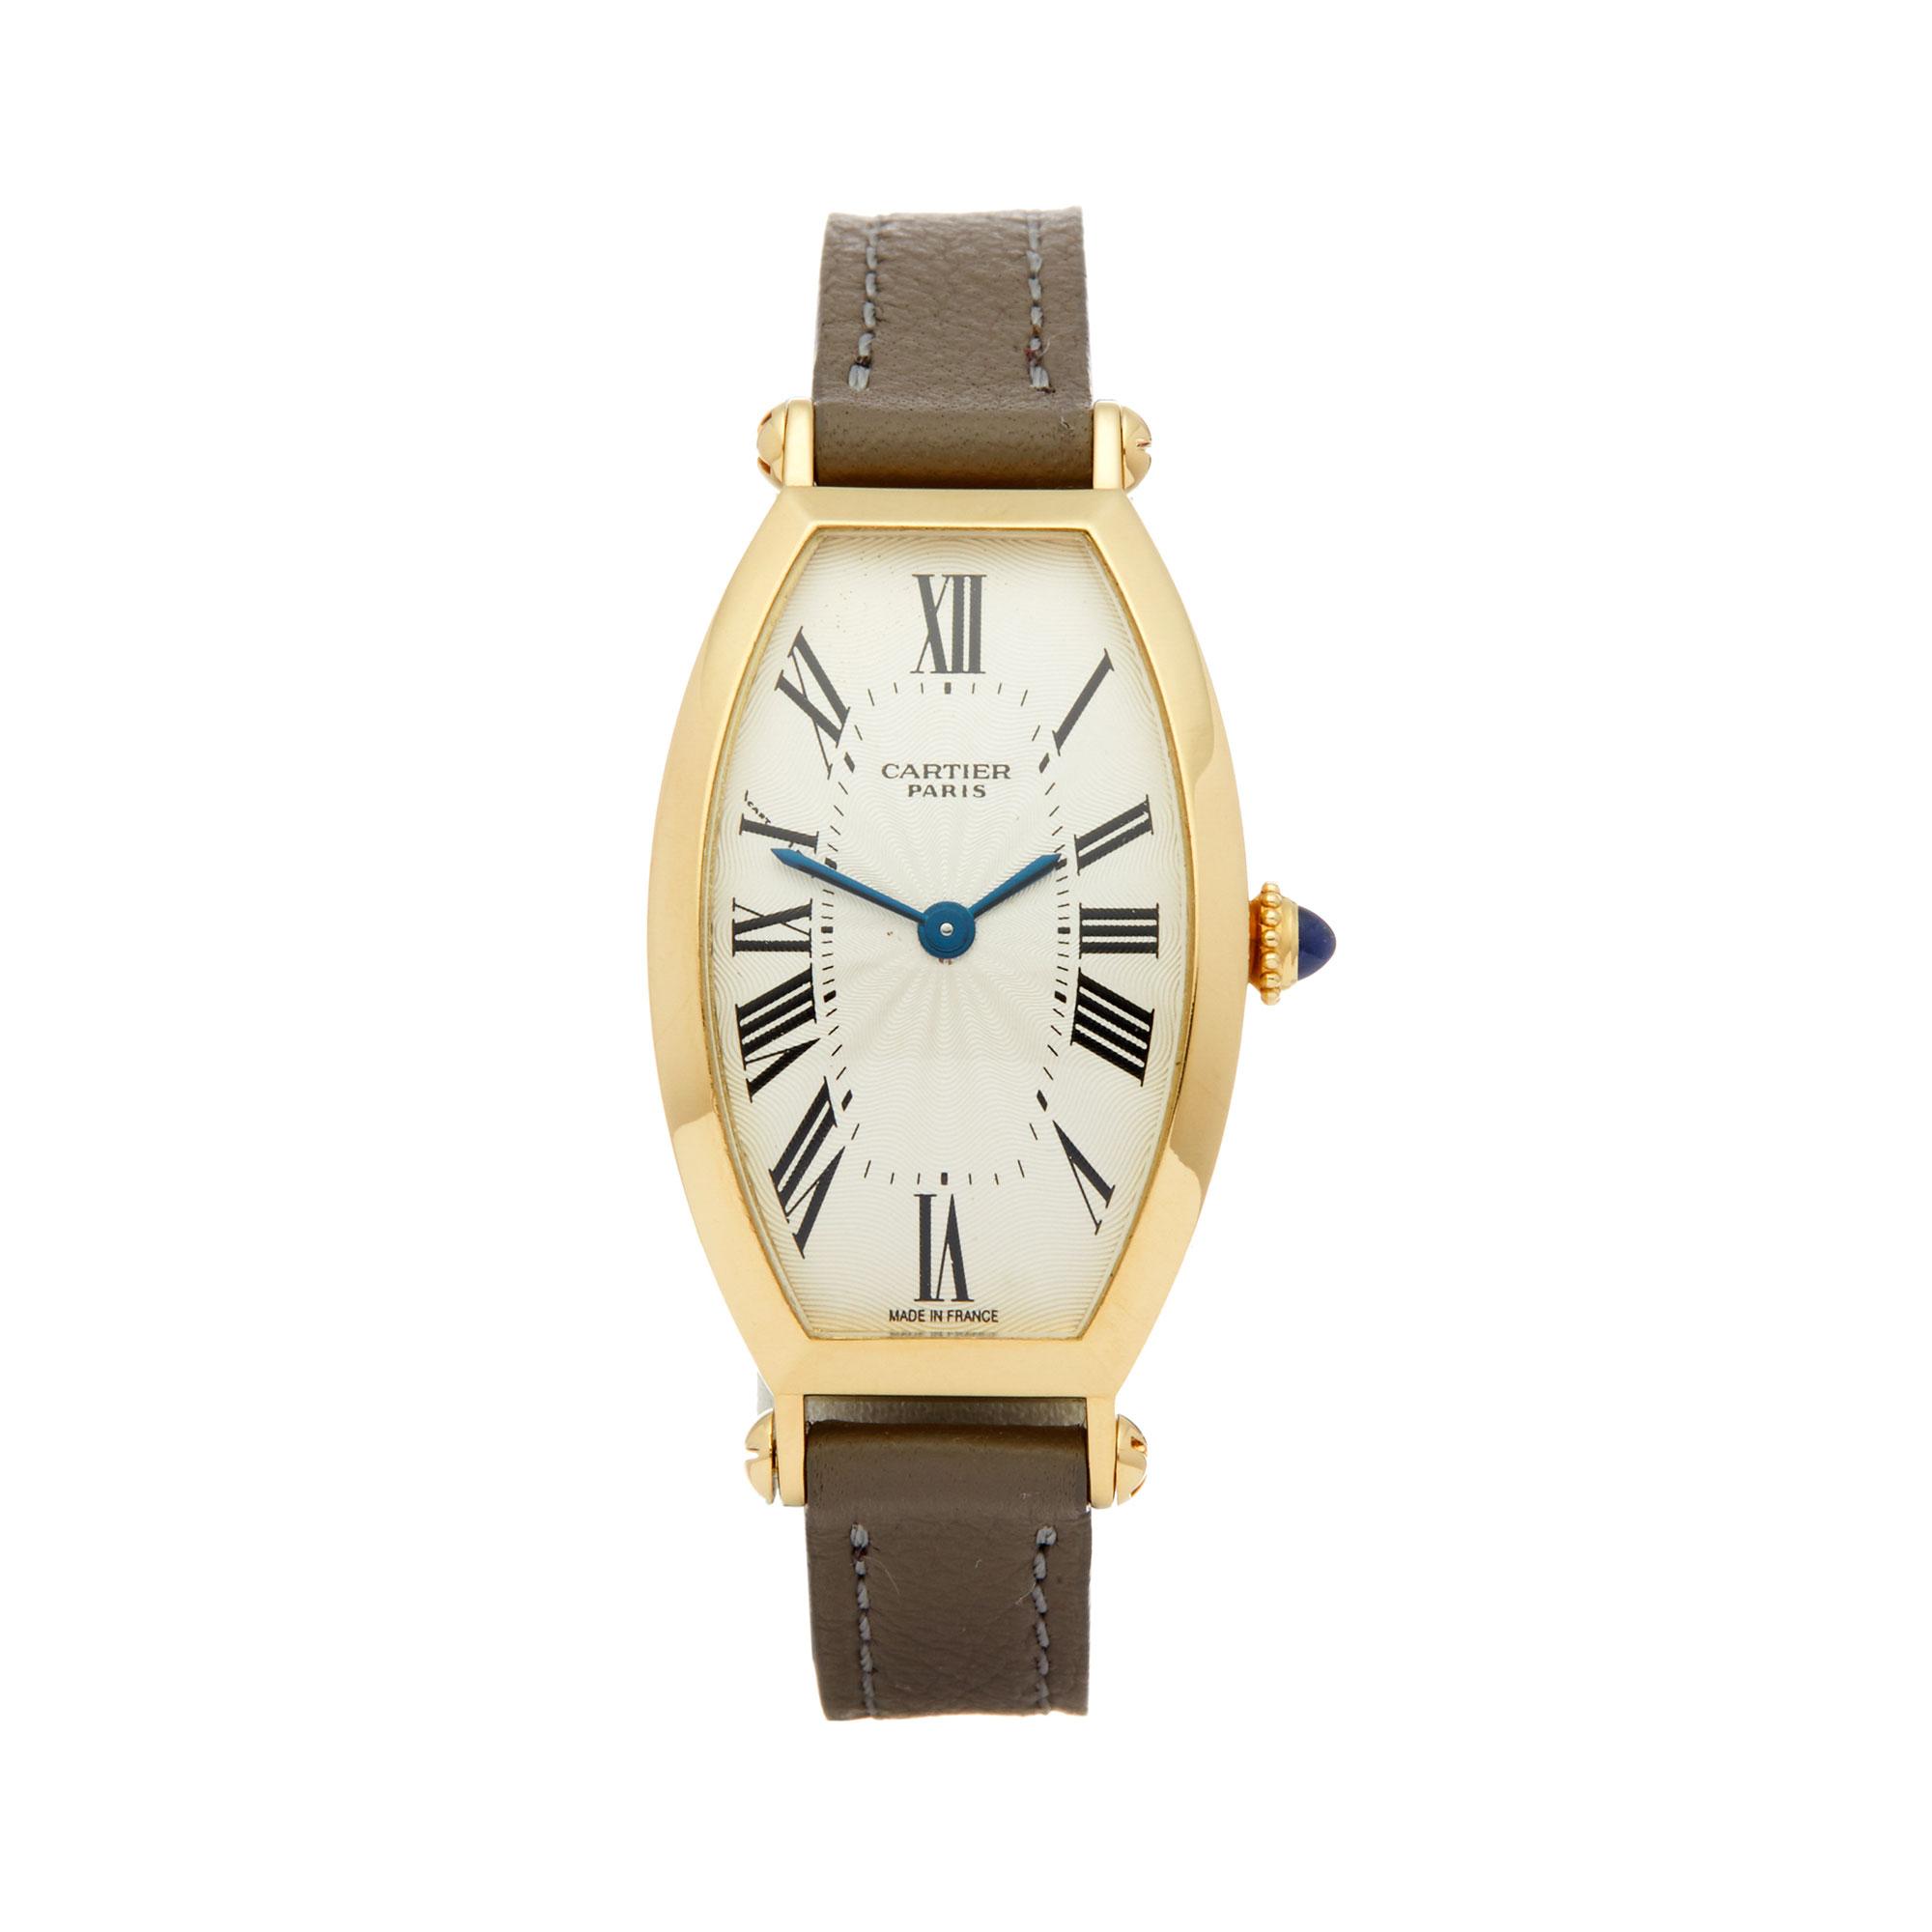 Cartier Tonneau 2451B Ladies Yellow Gold Mecanique Watch - Image 8 of 8